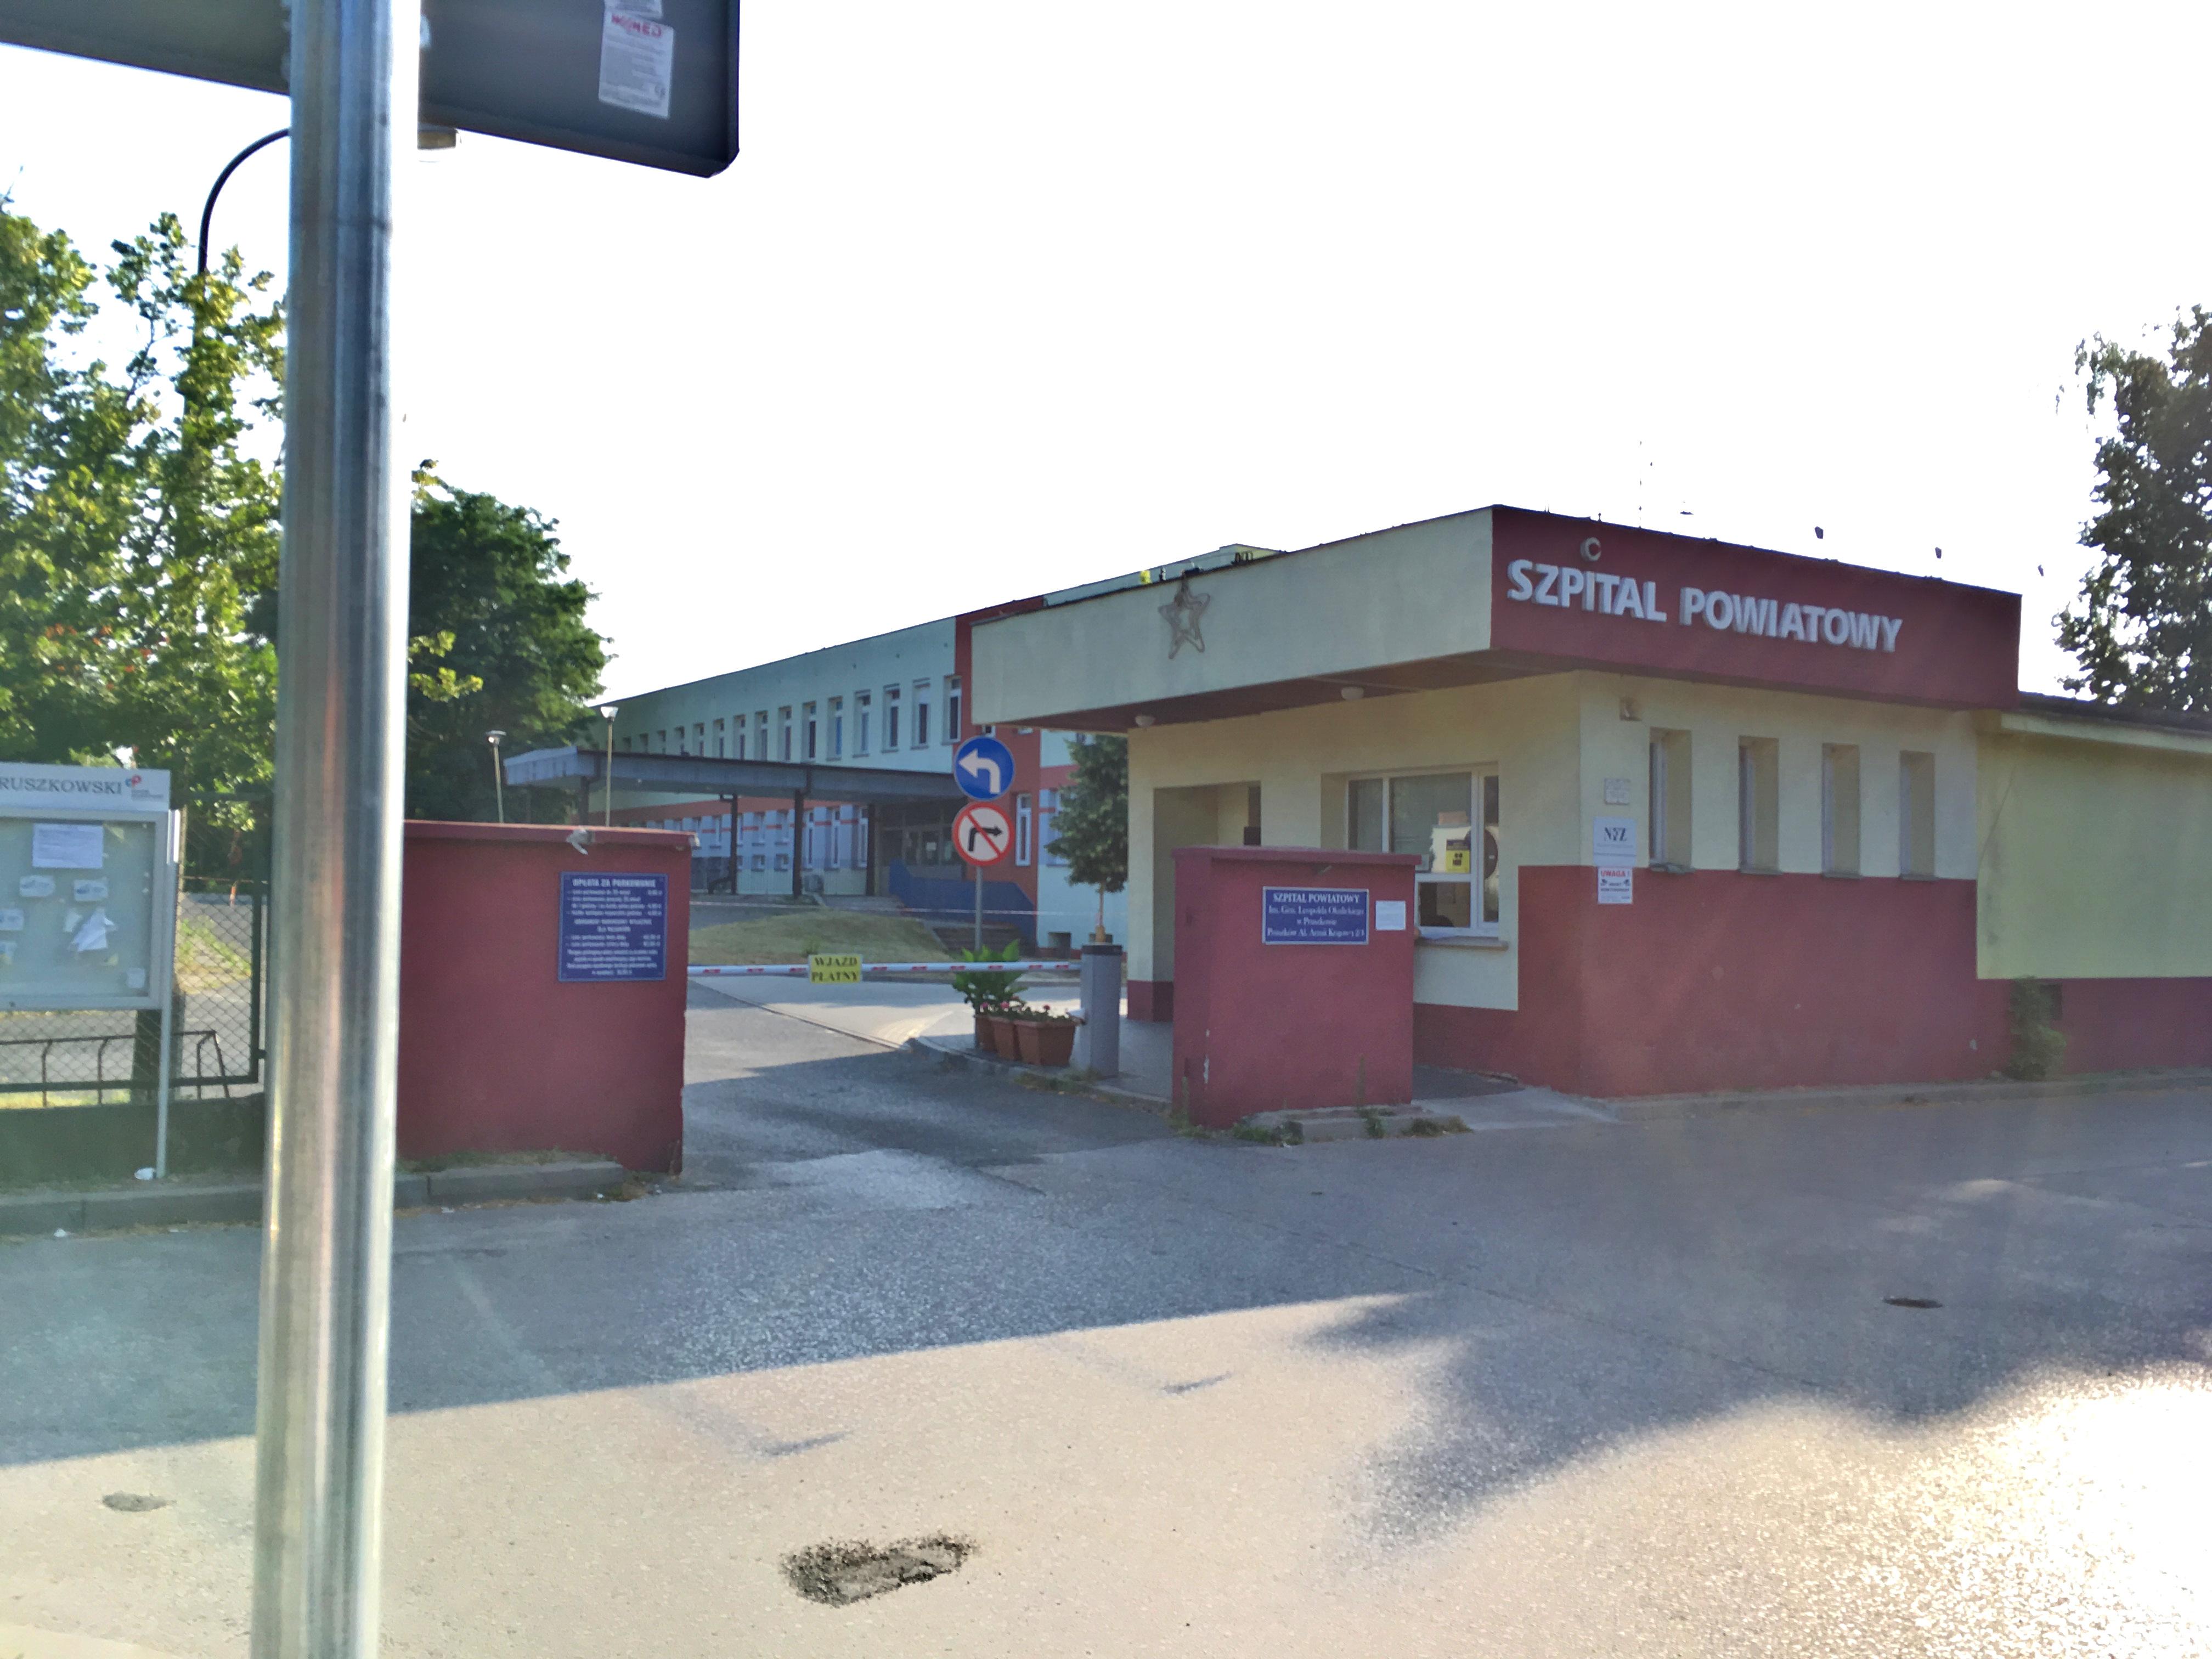 Szpital Powiatowy.jpg